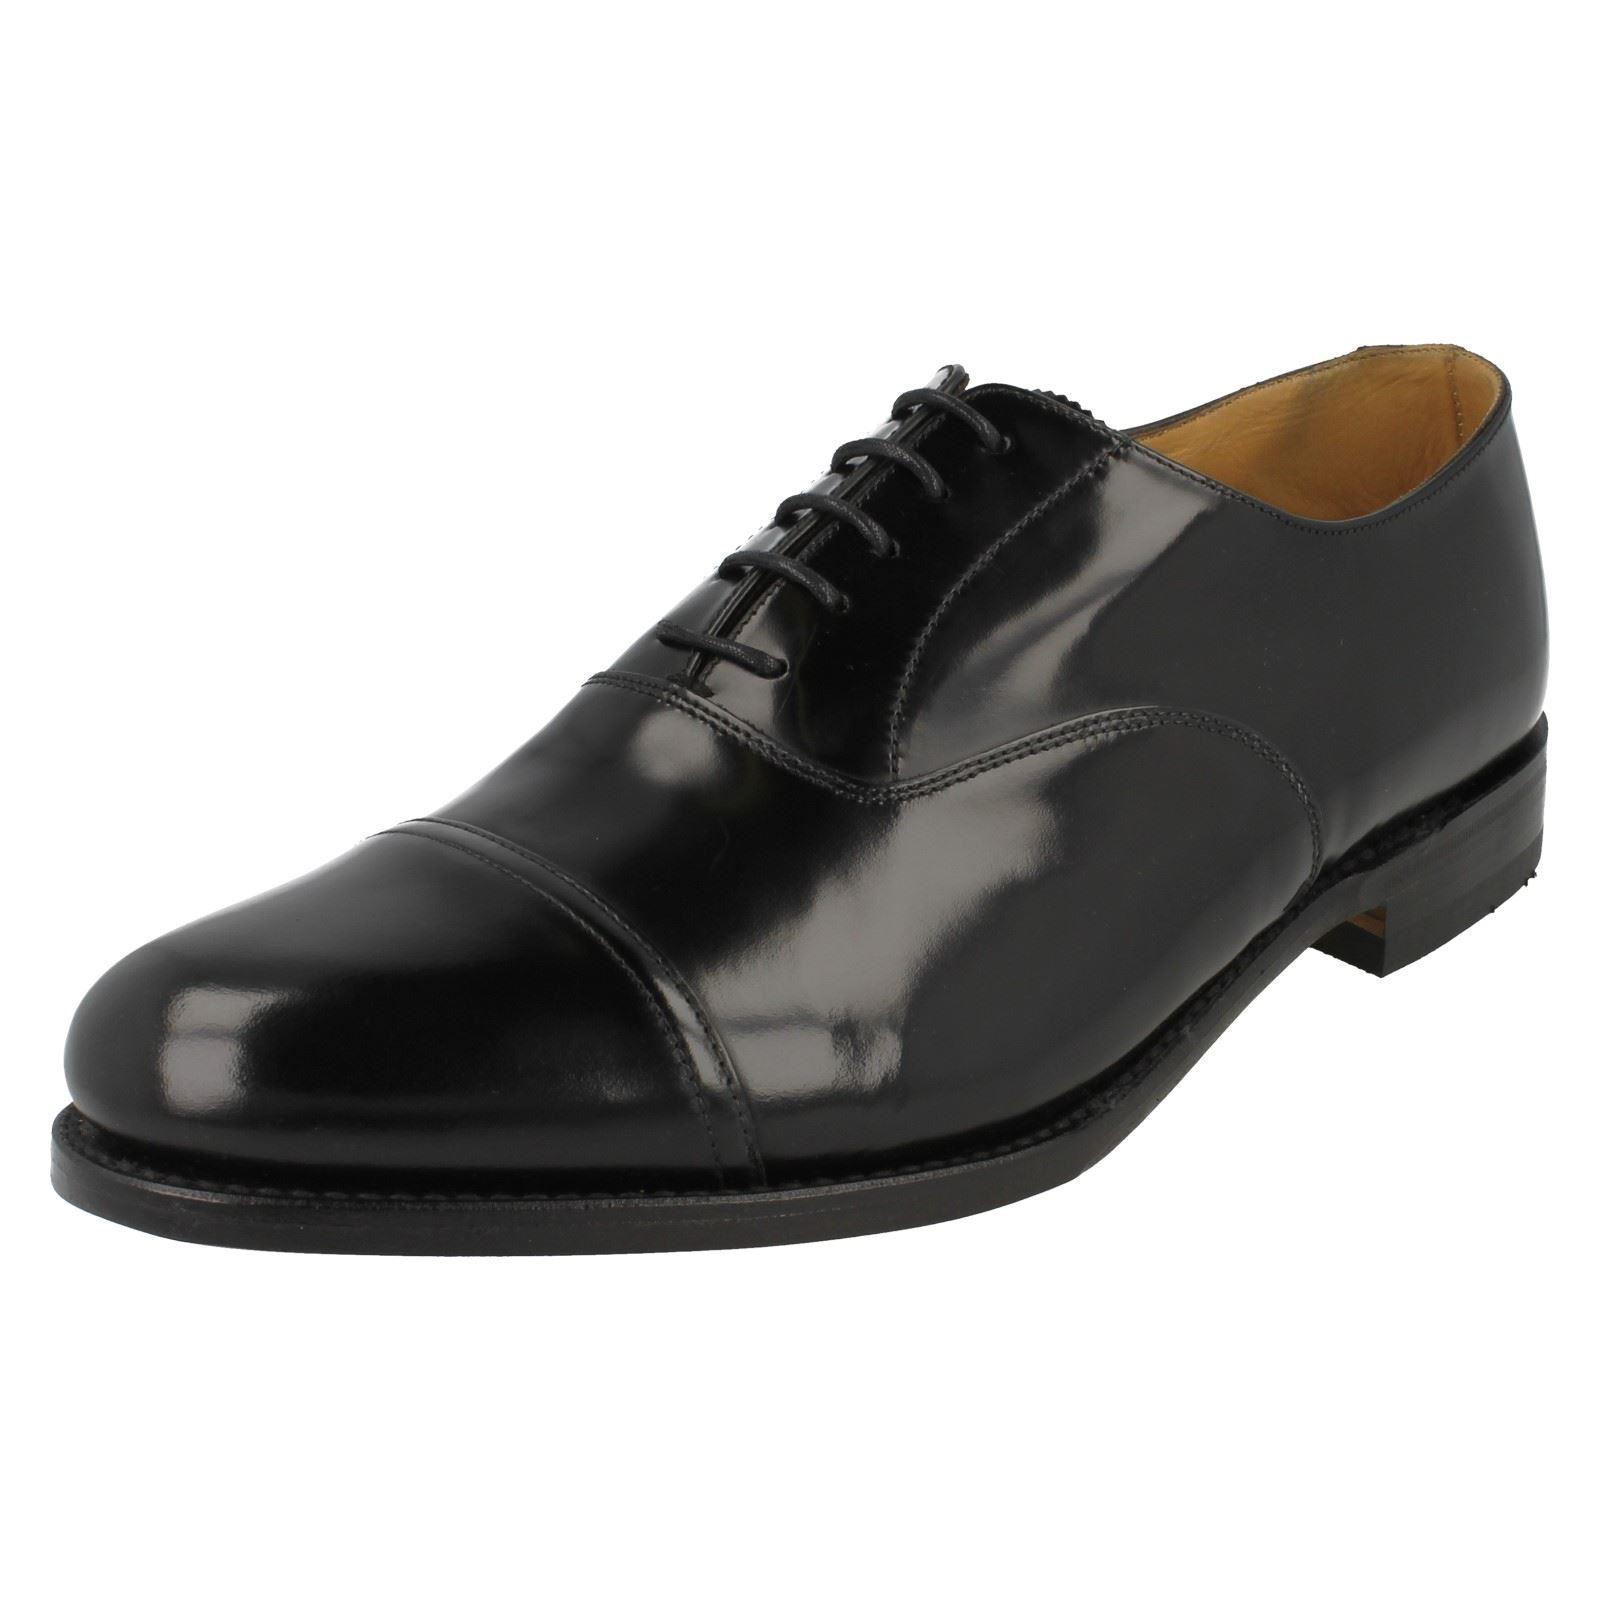 Loake 'Elland' Herren schwarz Leder spitze oben klassischer Schuh G Fassung